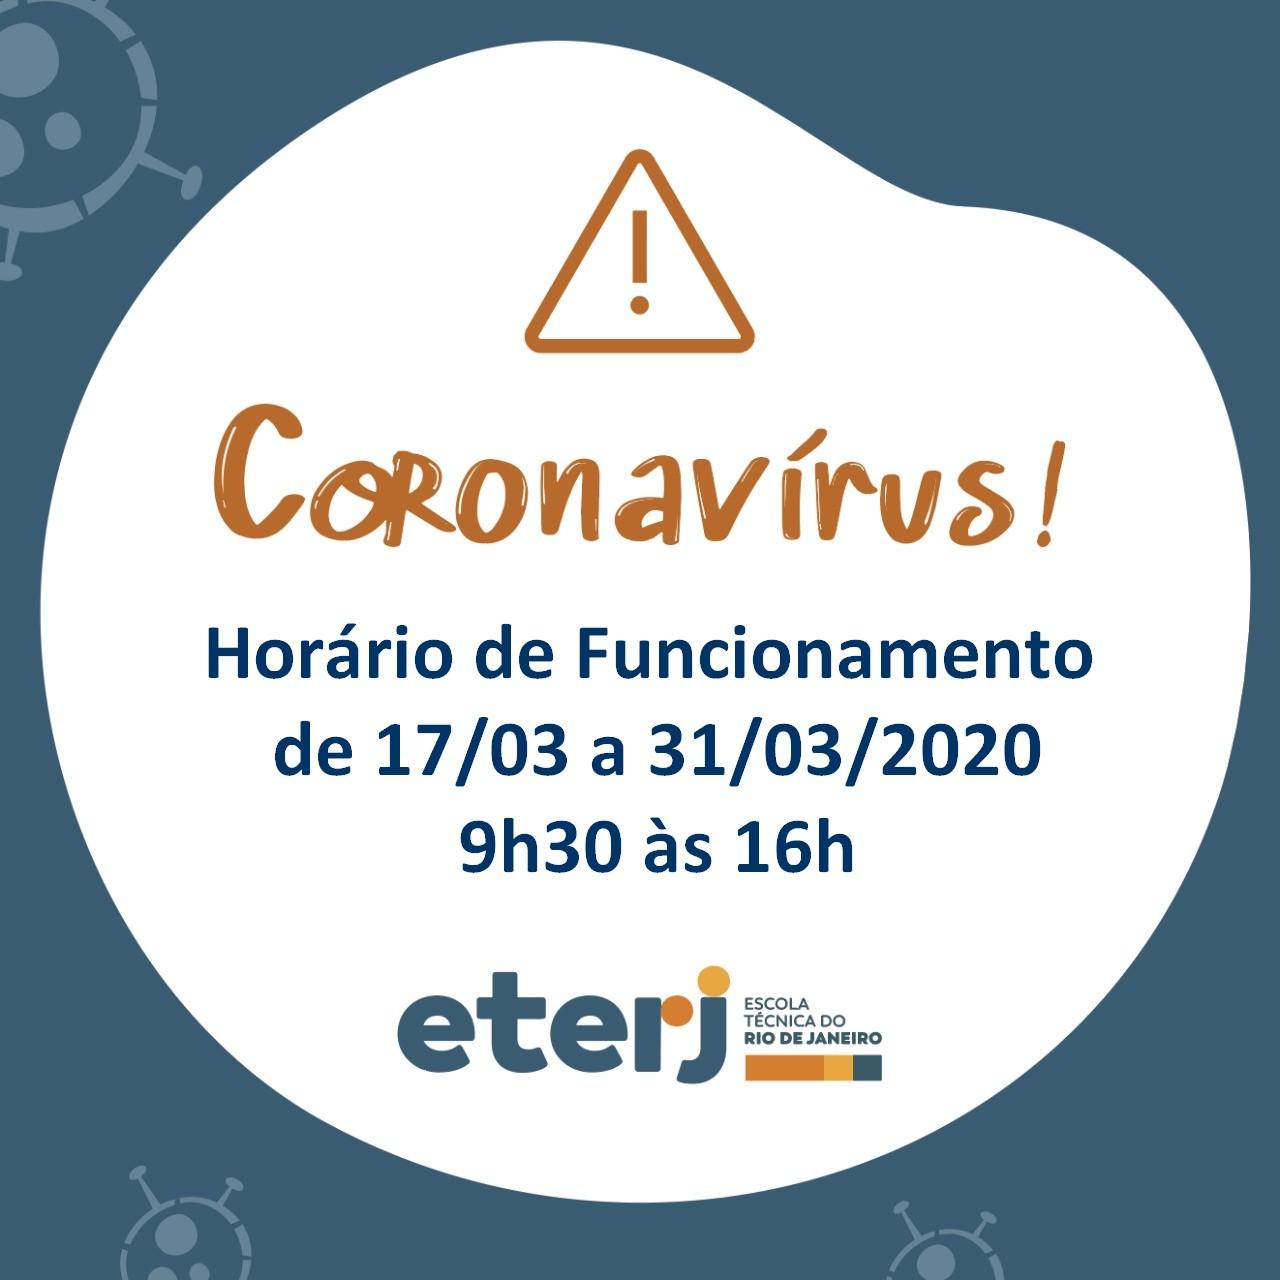 Novo Horário de Funcionamento devido ao Coronavírus.